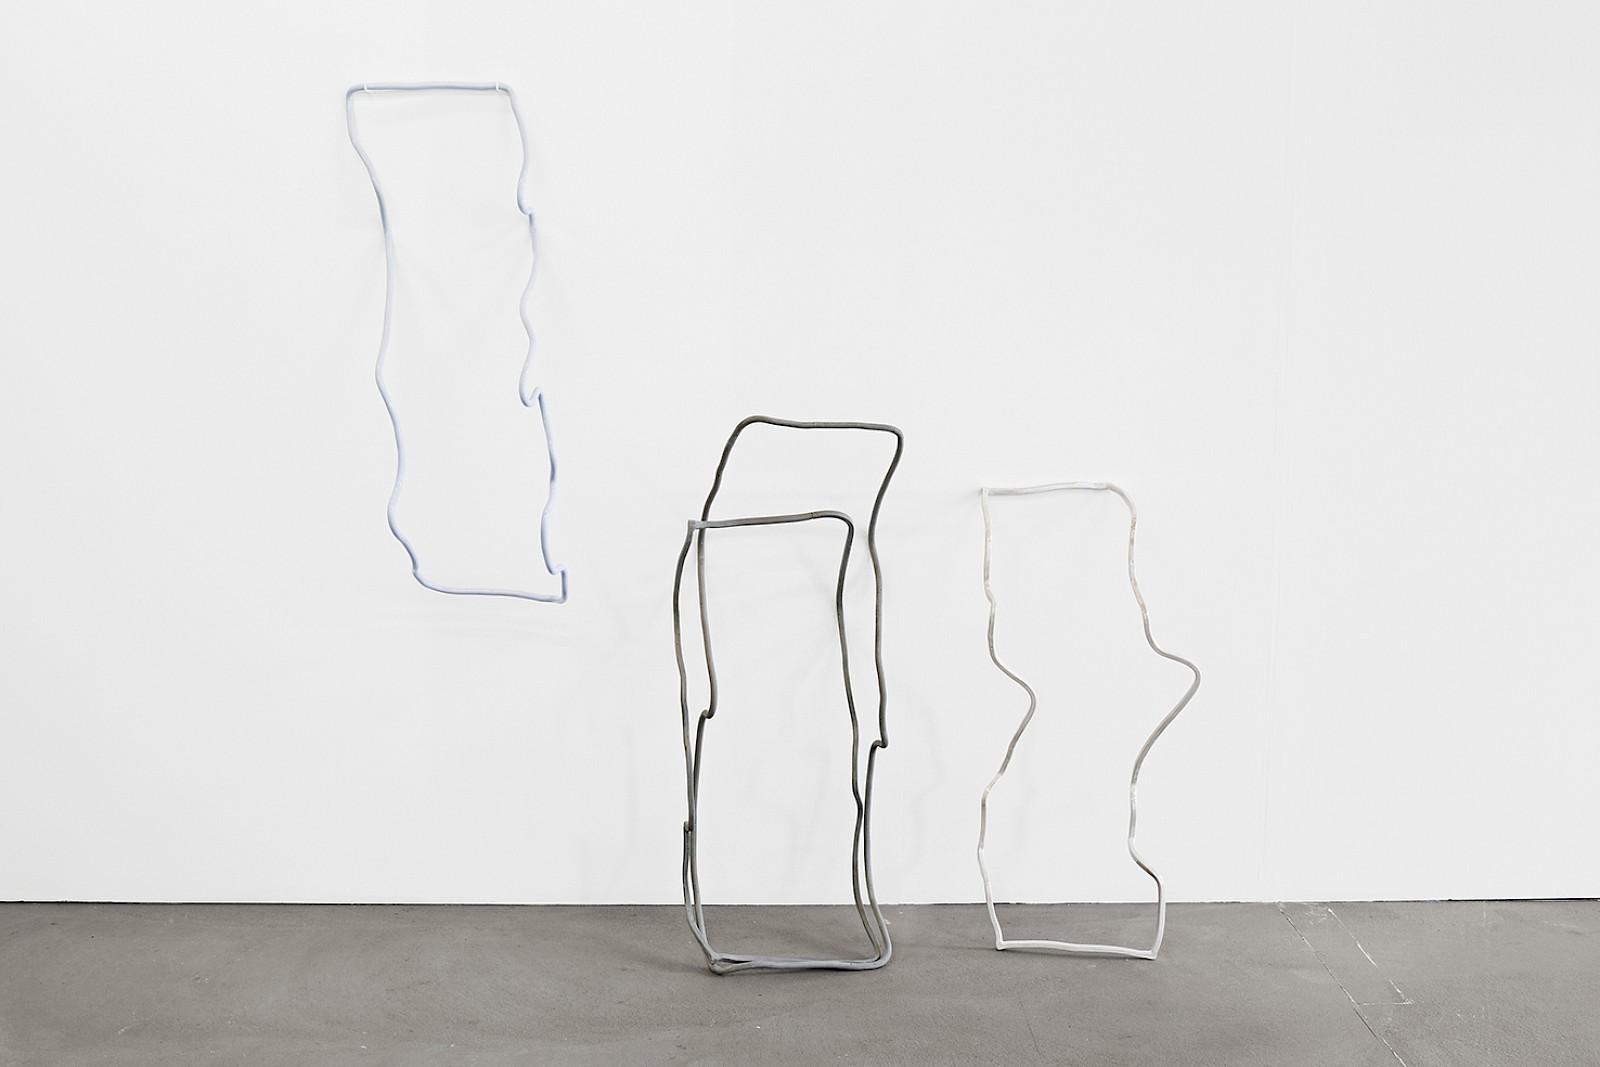 Image - Ceramics, 200 × 180 × 30cm, Installation view